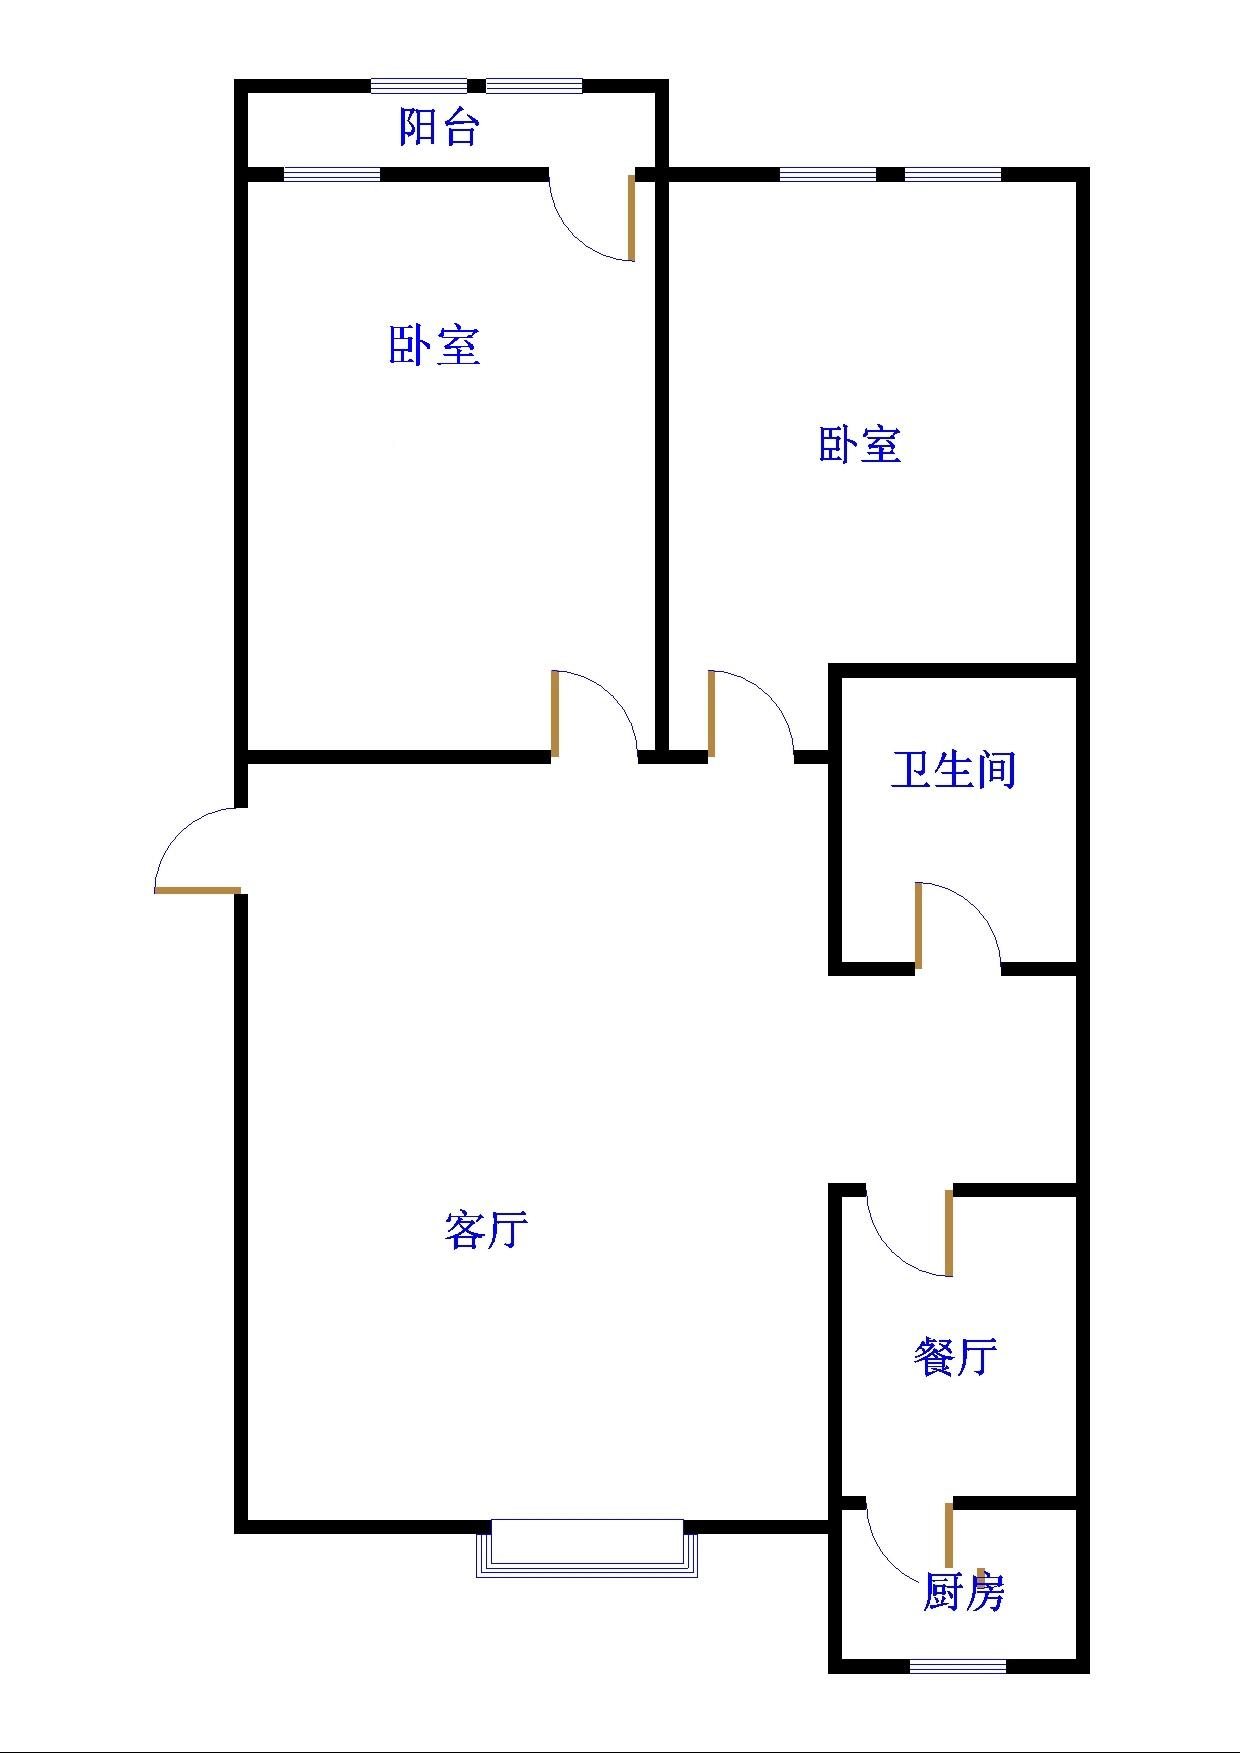 安然居宿舍 2室2厅 双证齐全过五年 简装 110万